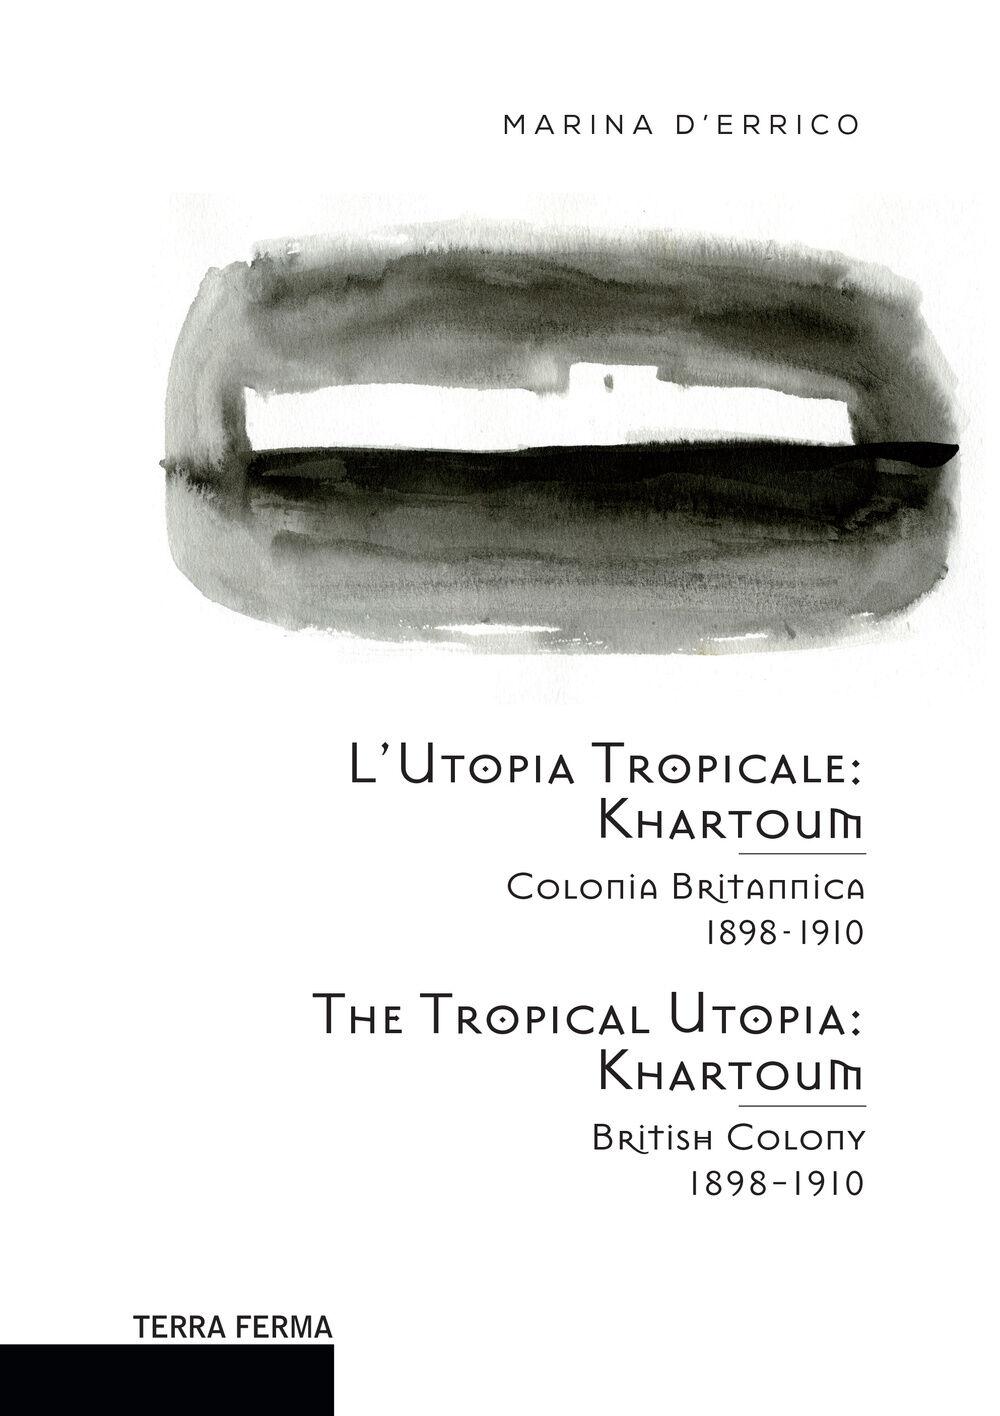 L' utopia tropicale. Khartoum. Colonia britannica 1898-1910. Ediz. multilingue